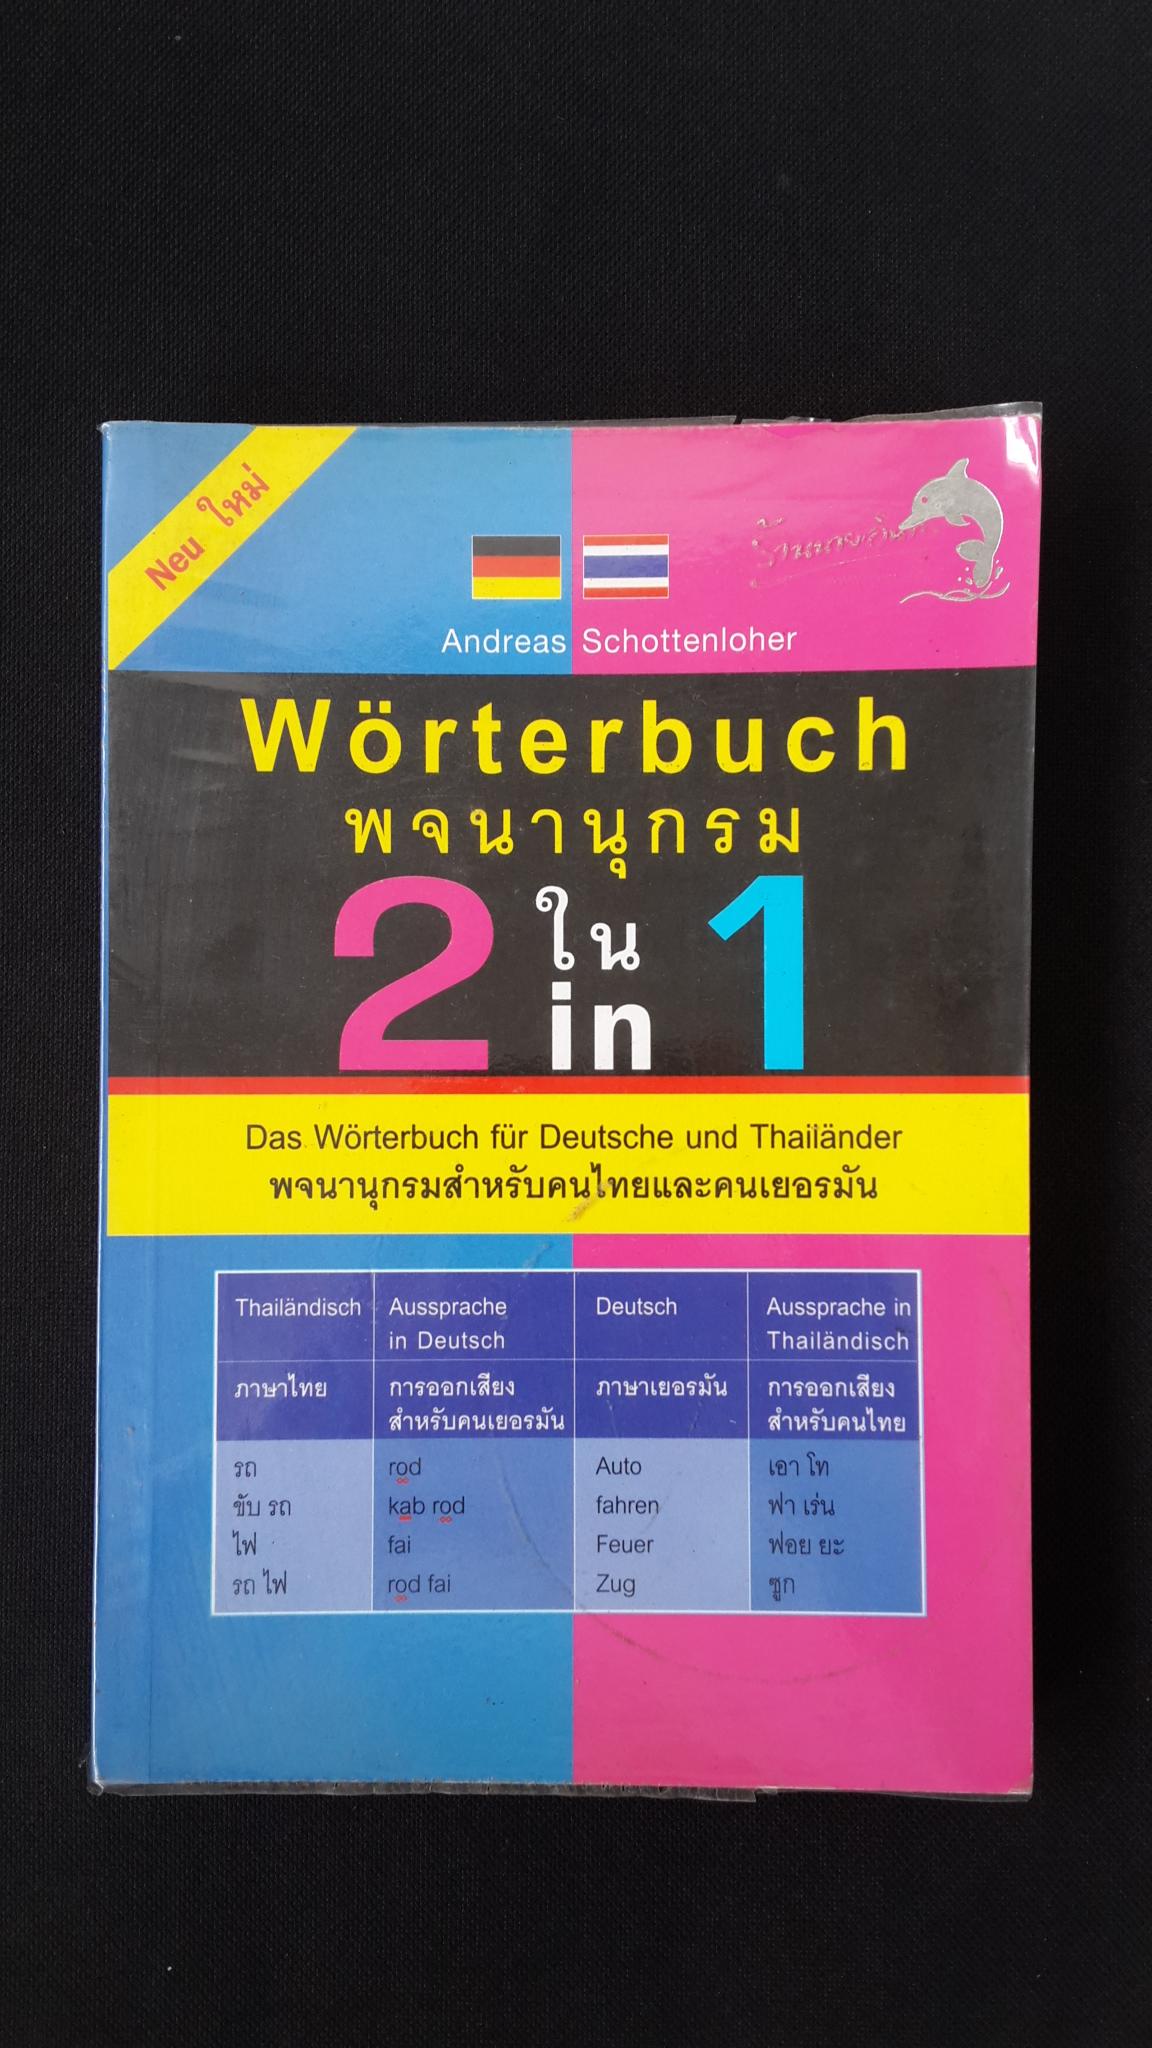 พจนานุกรม 2 ใน 1 พจนานุกรมสำหรับคนไทยและคนเยอรมัน